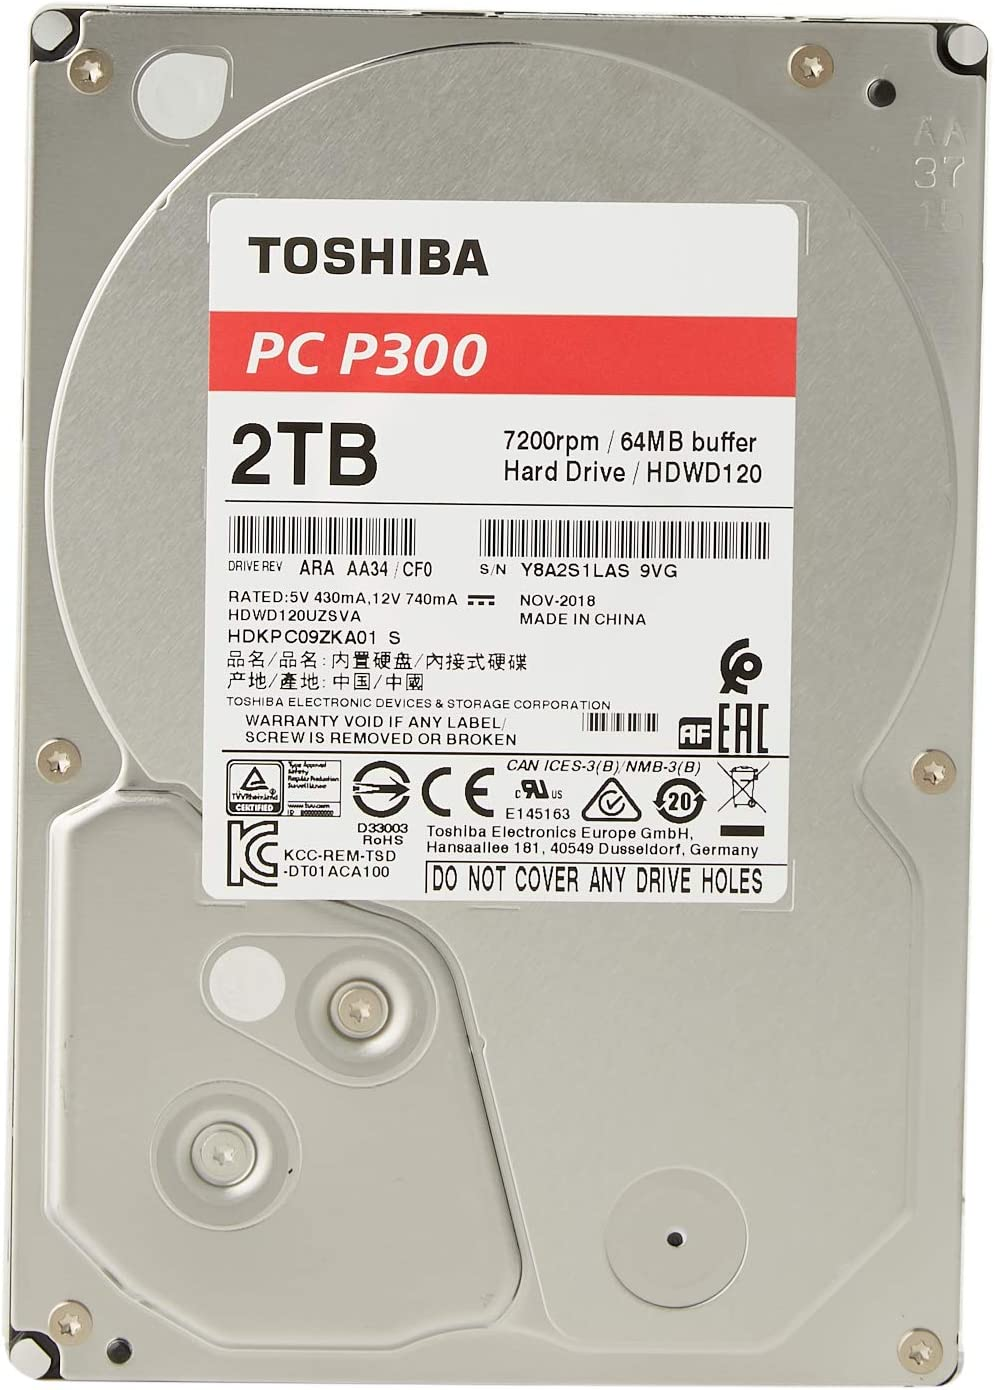 Toshiba P300 2 Tb Interne Festplatte 3 5 Zoll Schwarz Computer Zubehör